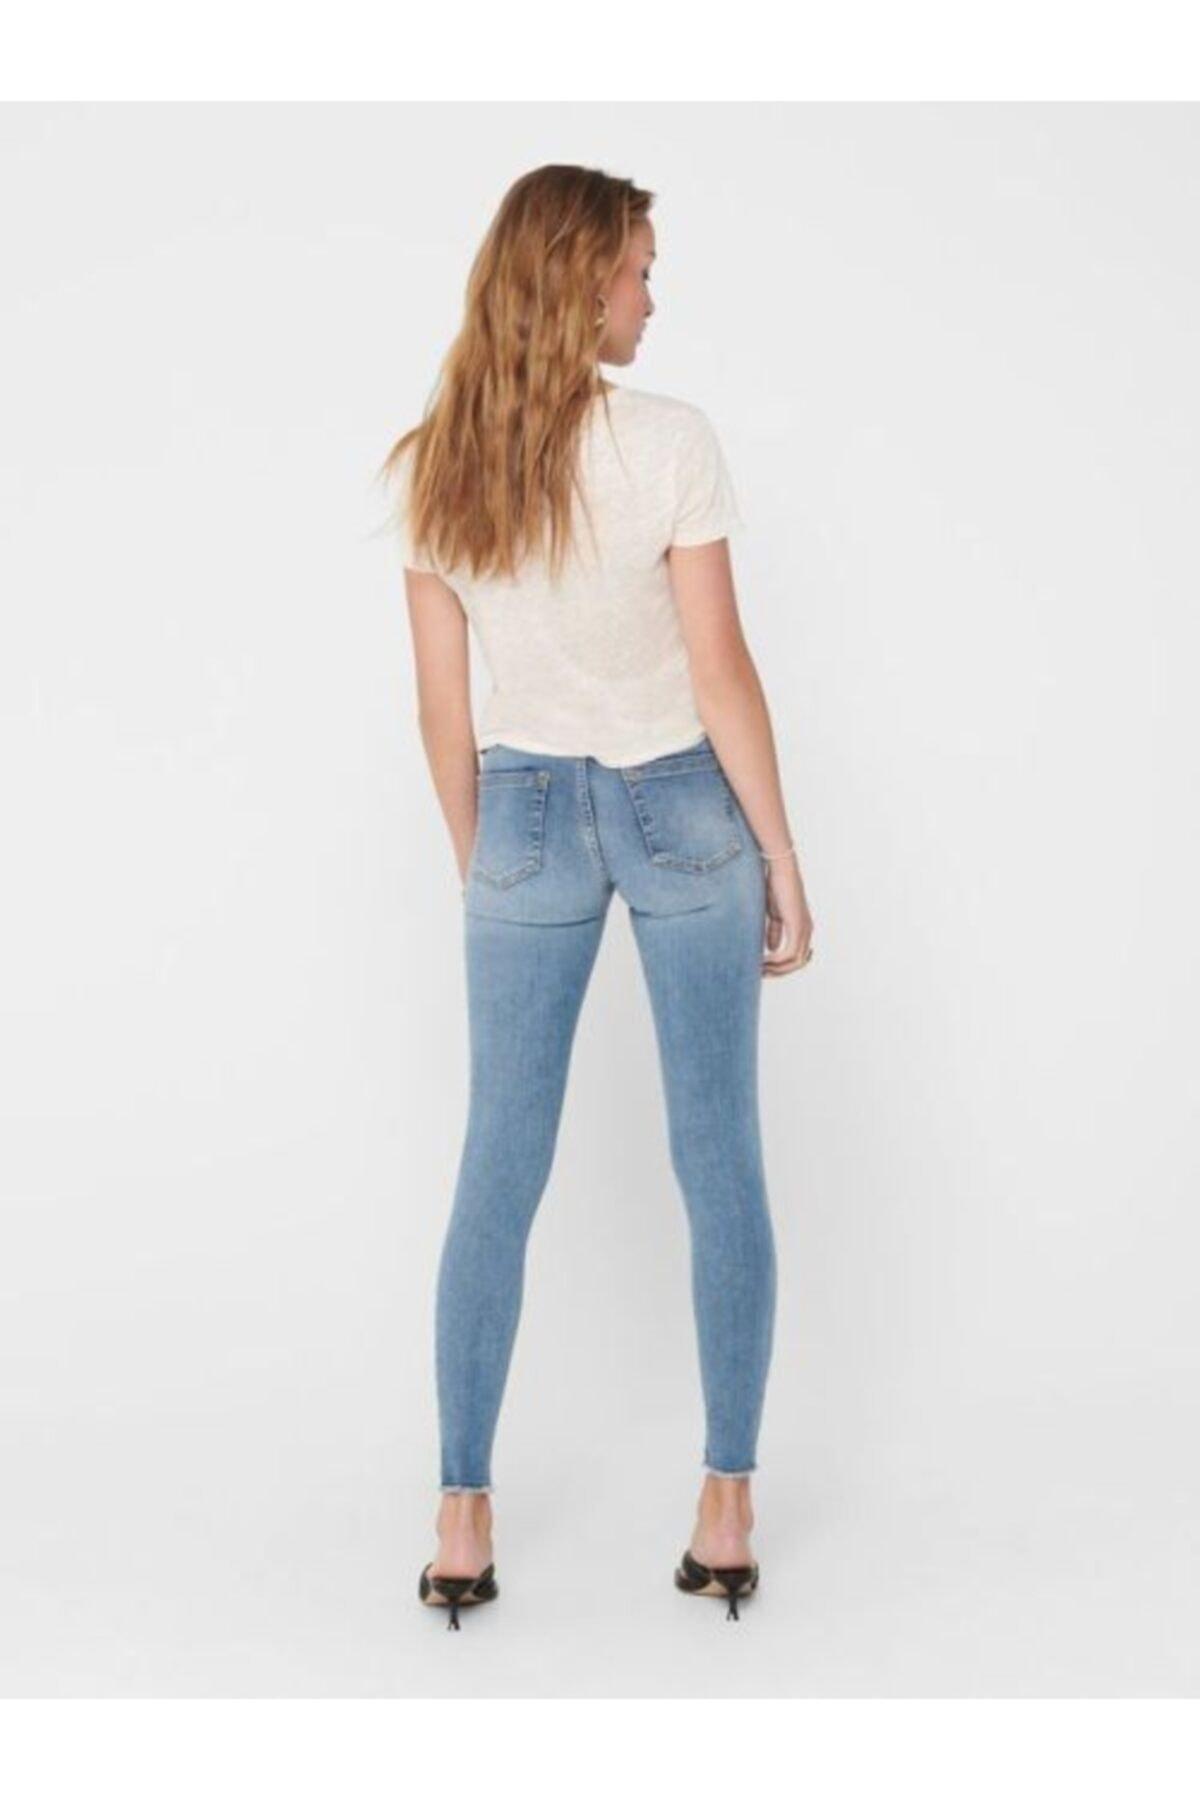 Only Kadın Mavi Jean Pantolon 2